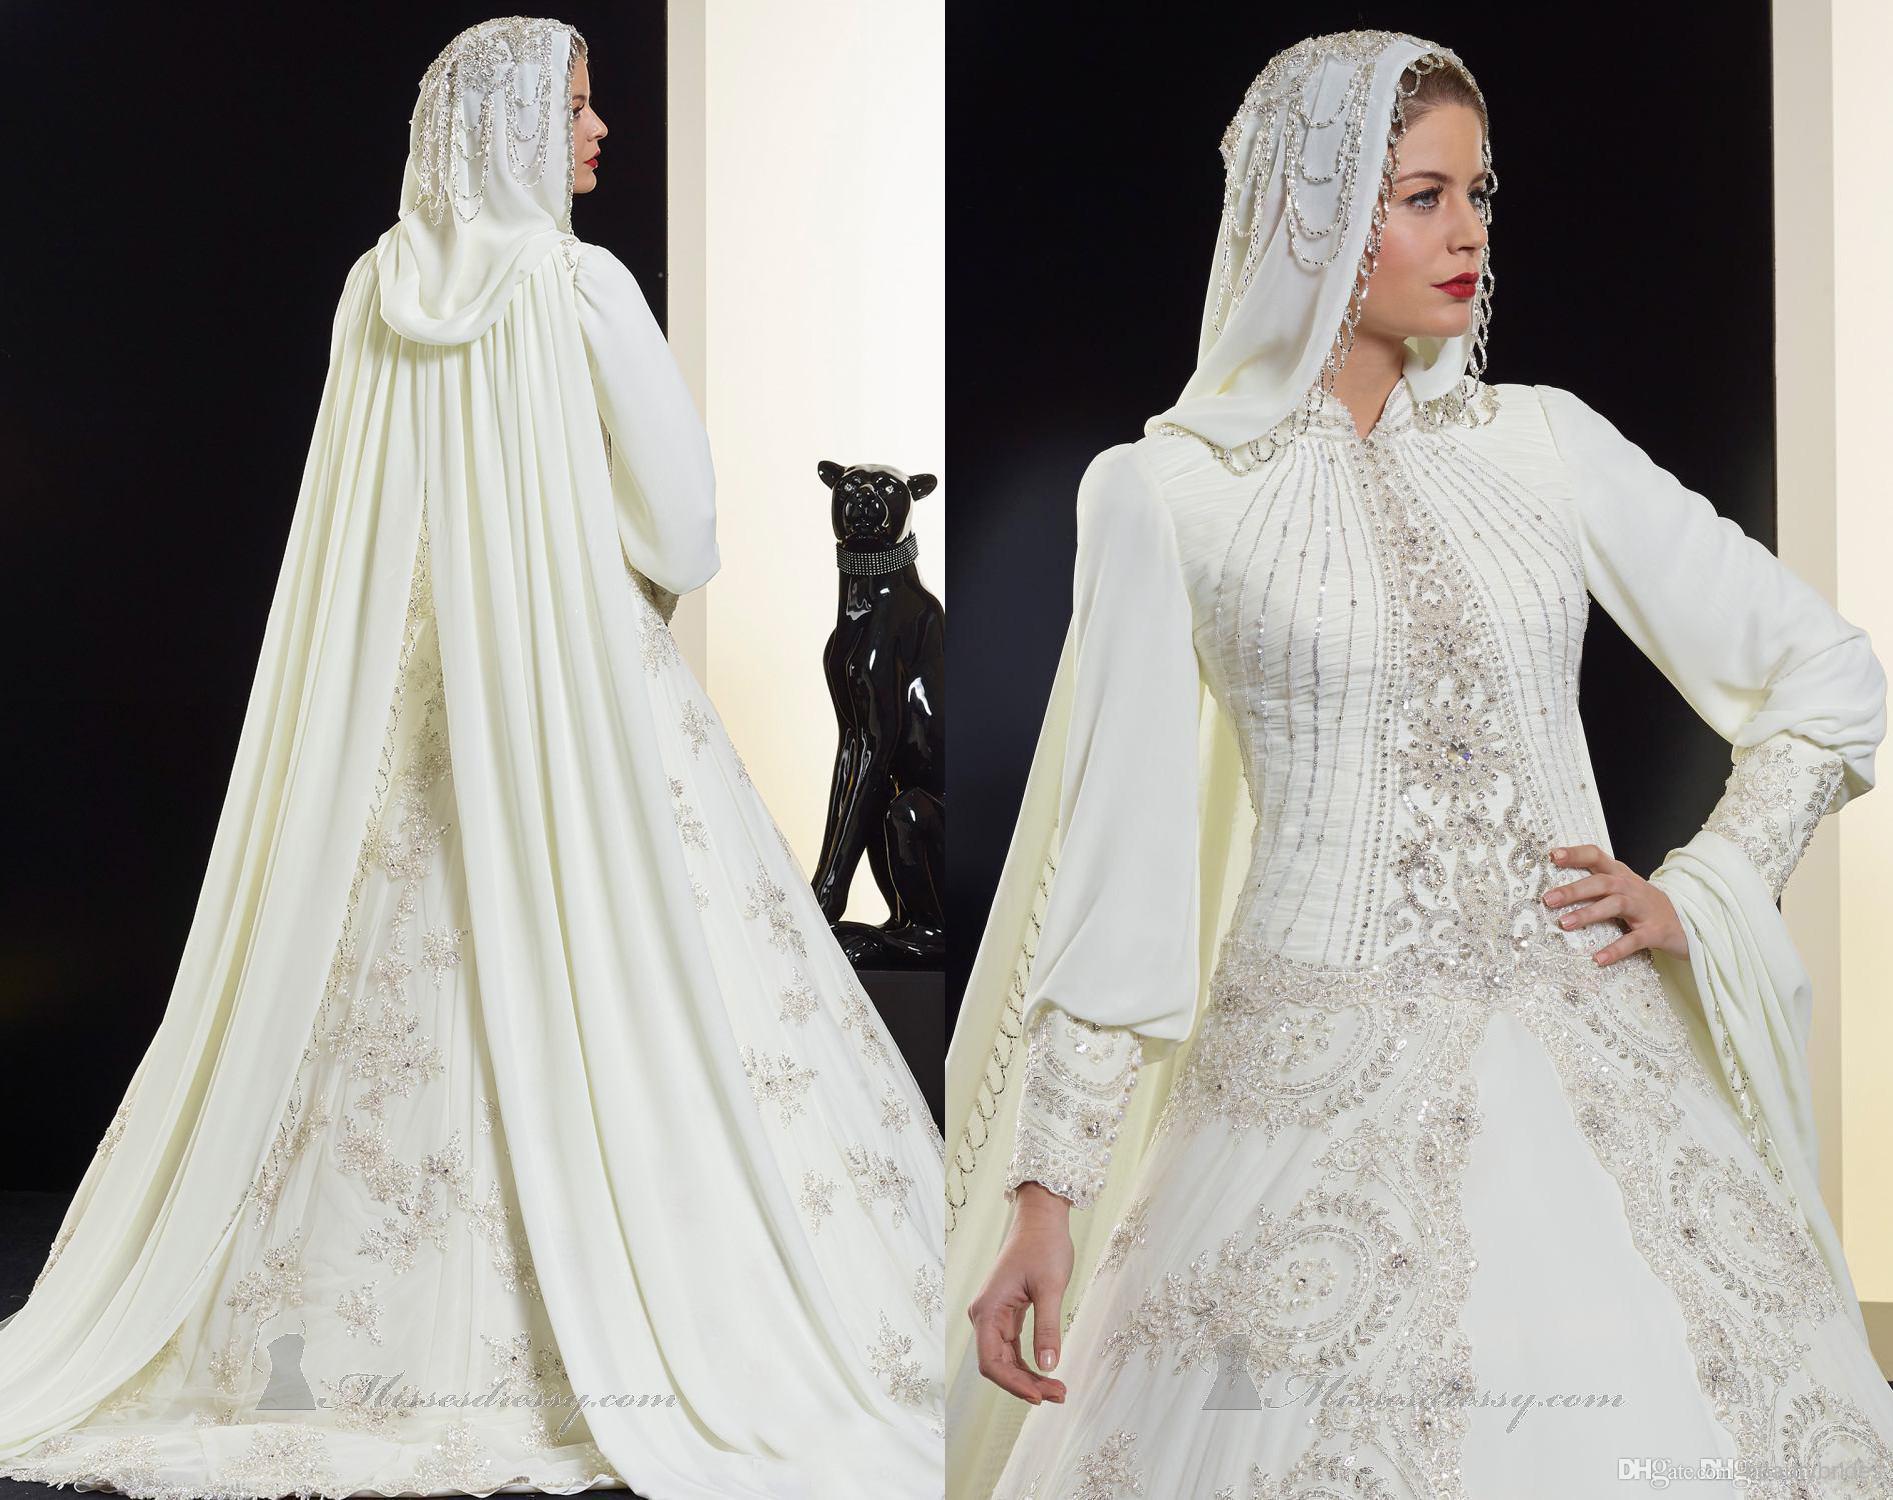 Muslim Wedding Dress Uae : Saudi arabia muslim wedding dresses high collar